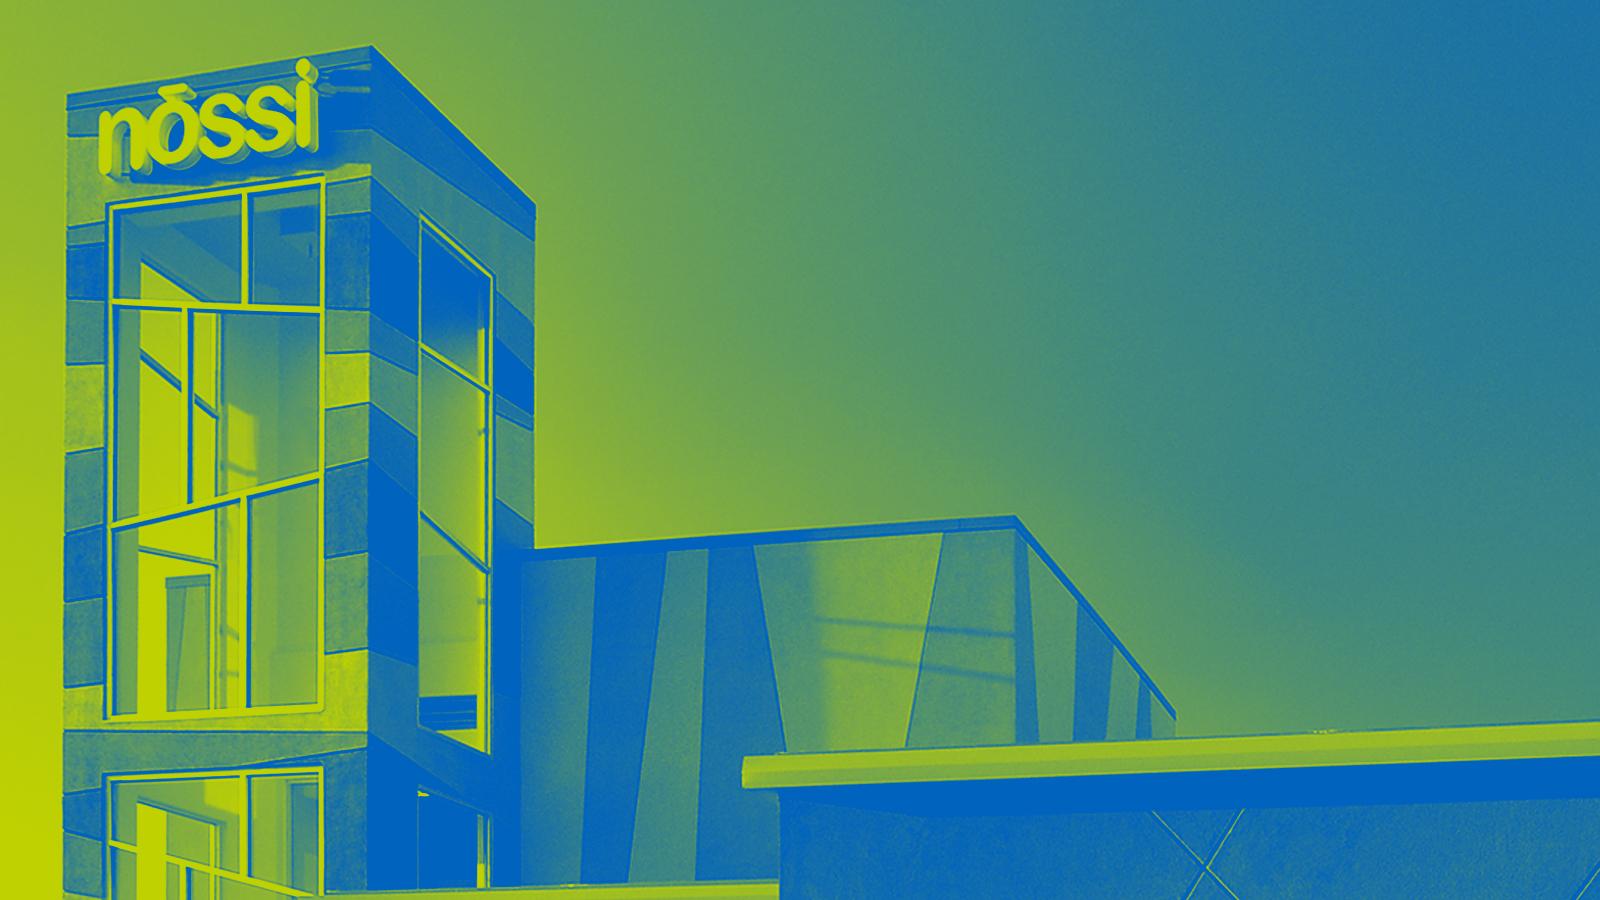 Nossi College of Art campus photo for their website design by Ben FIeker